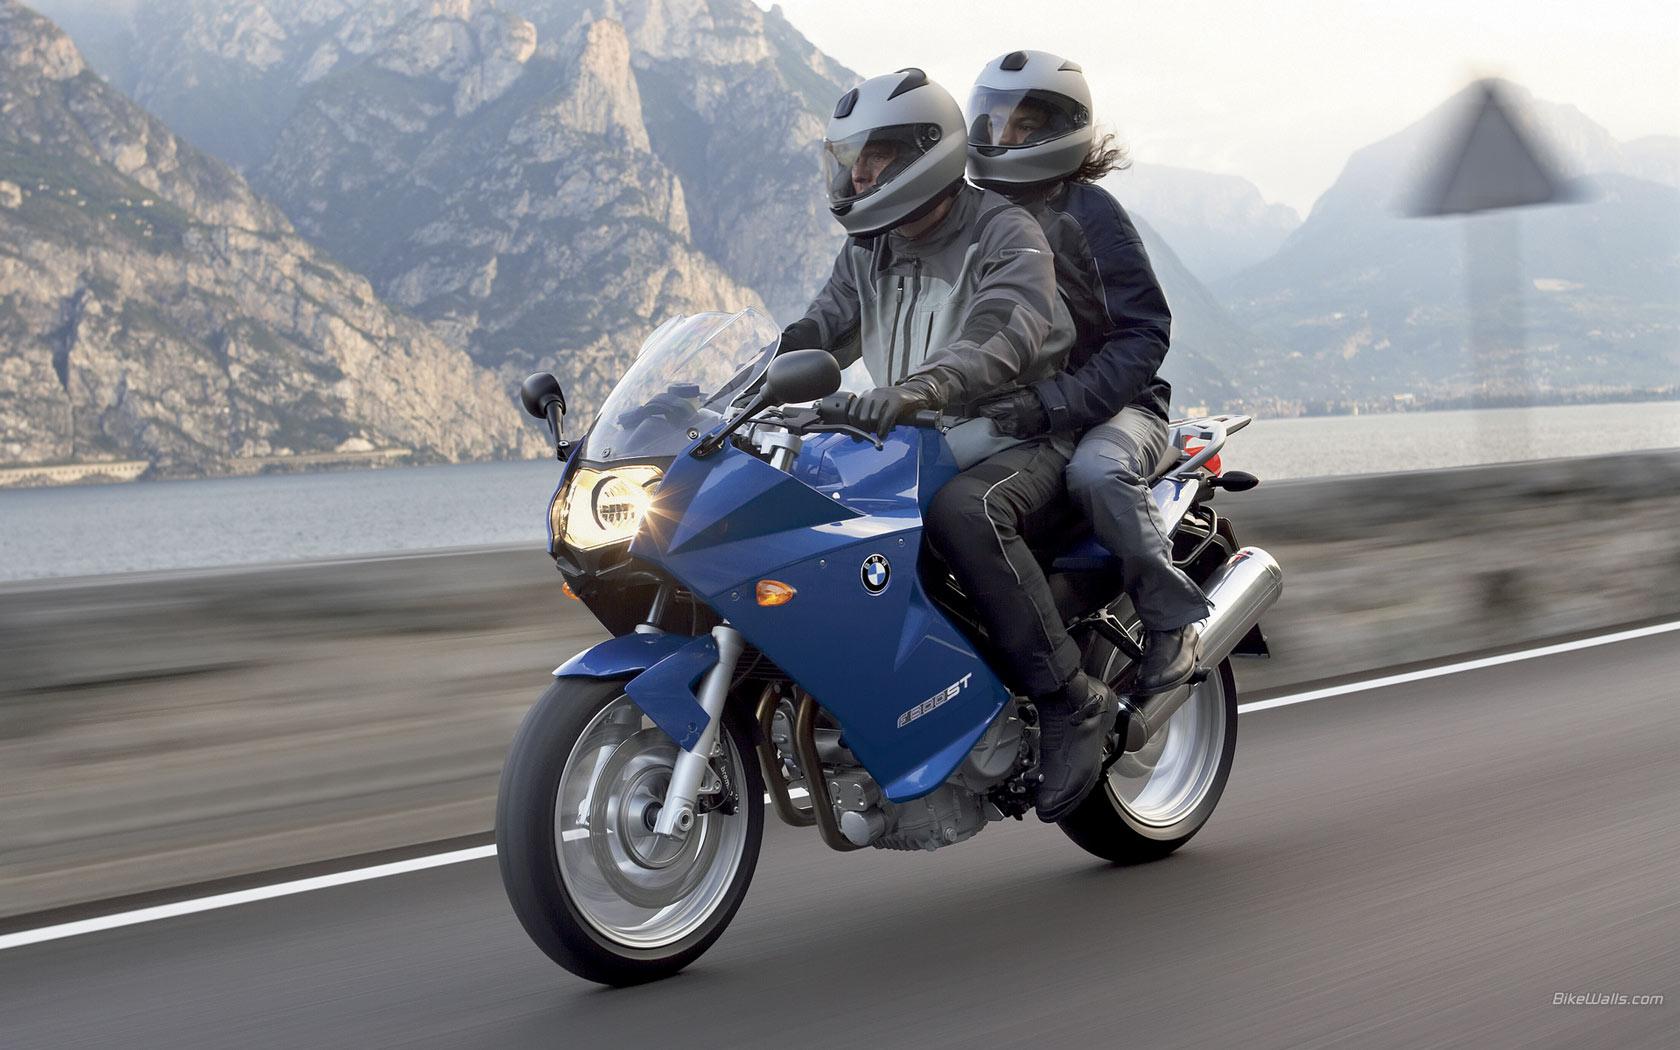 BMW_F_800_ST_2006_26_1680x1050.jpg